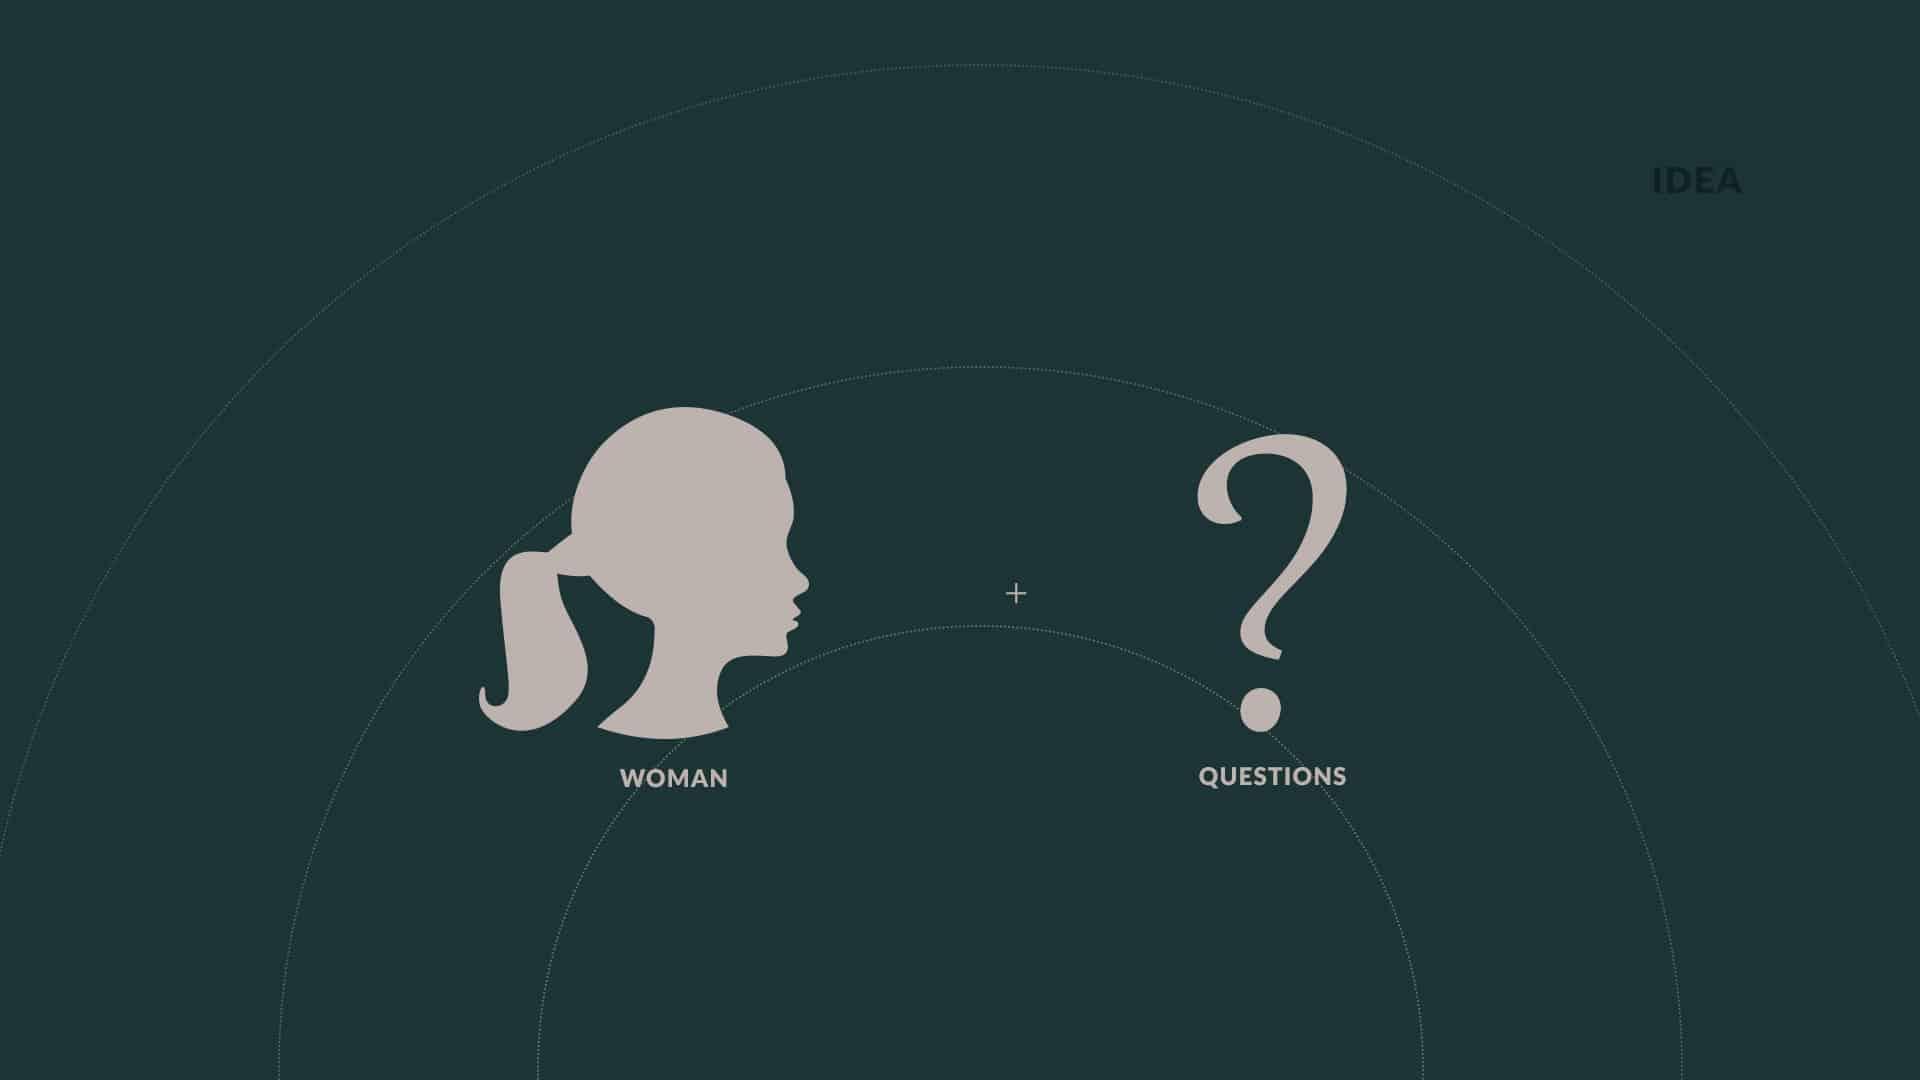 Визуализация основной идеи, которой мы руководствовались при разработке и создании логотипа